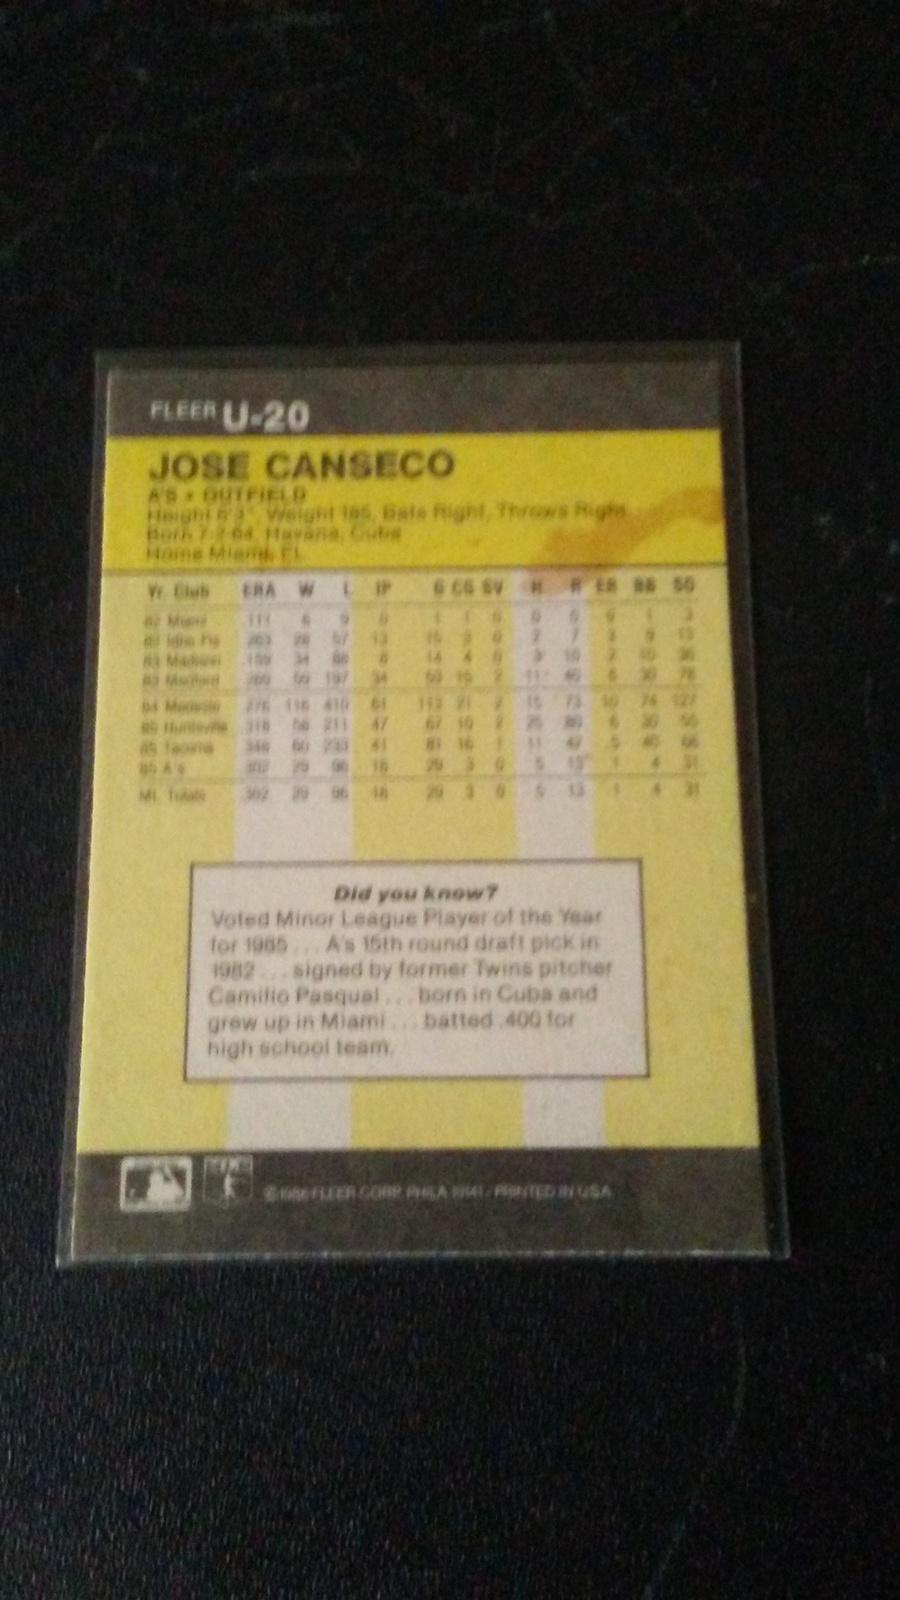 1986 Fleer Update Jose Canseco image 2